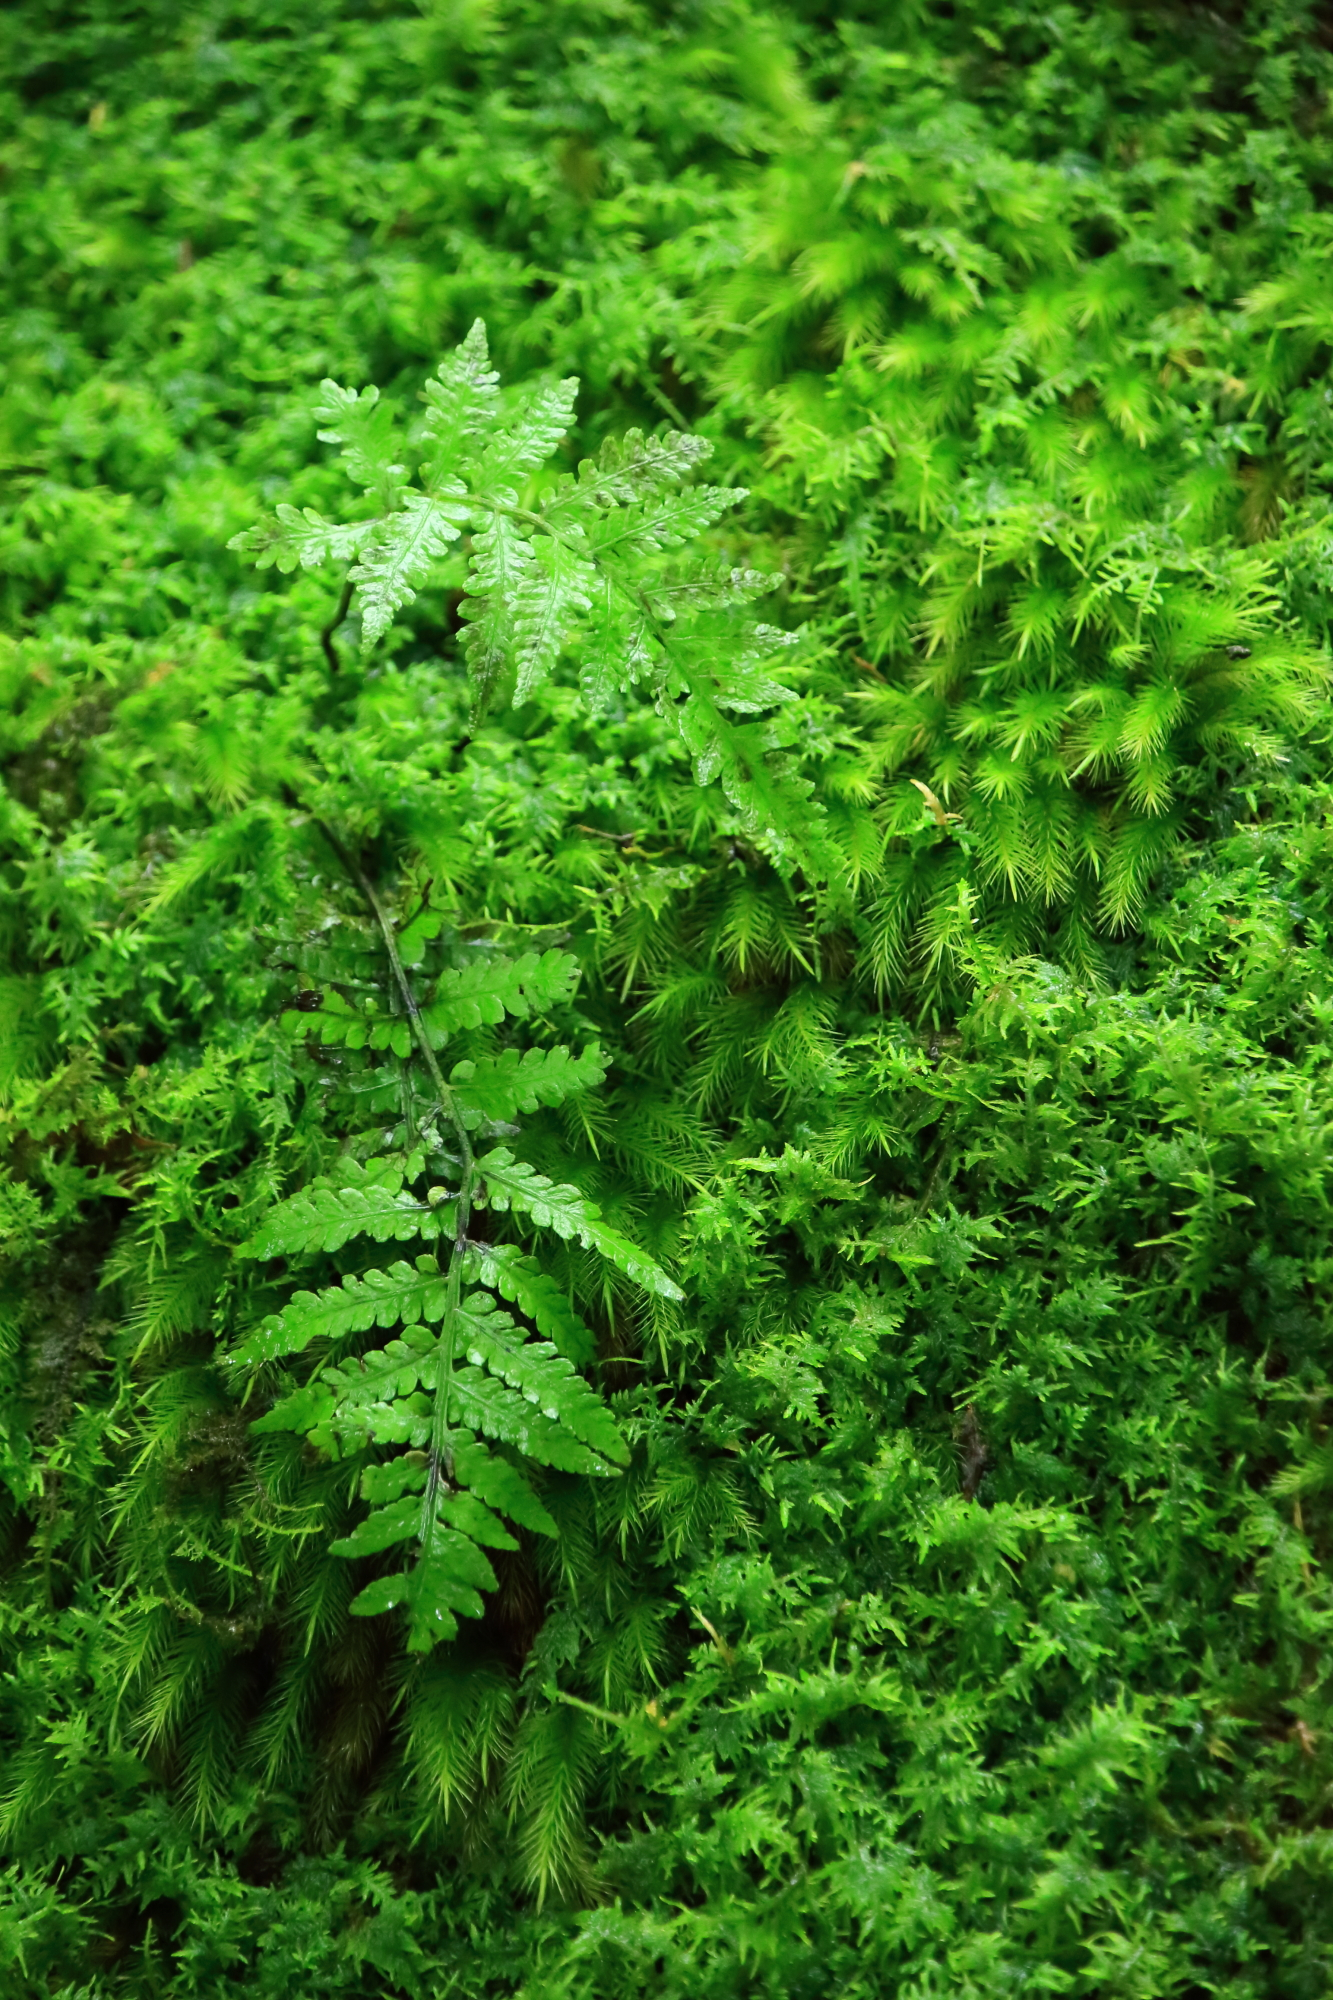 多様な苔の上の小さな可愛いシダ